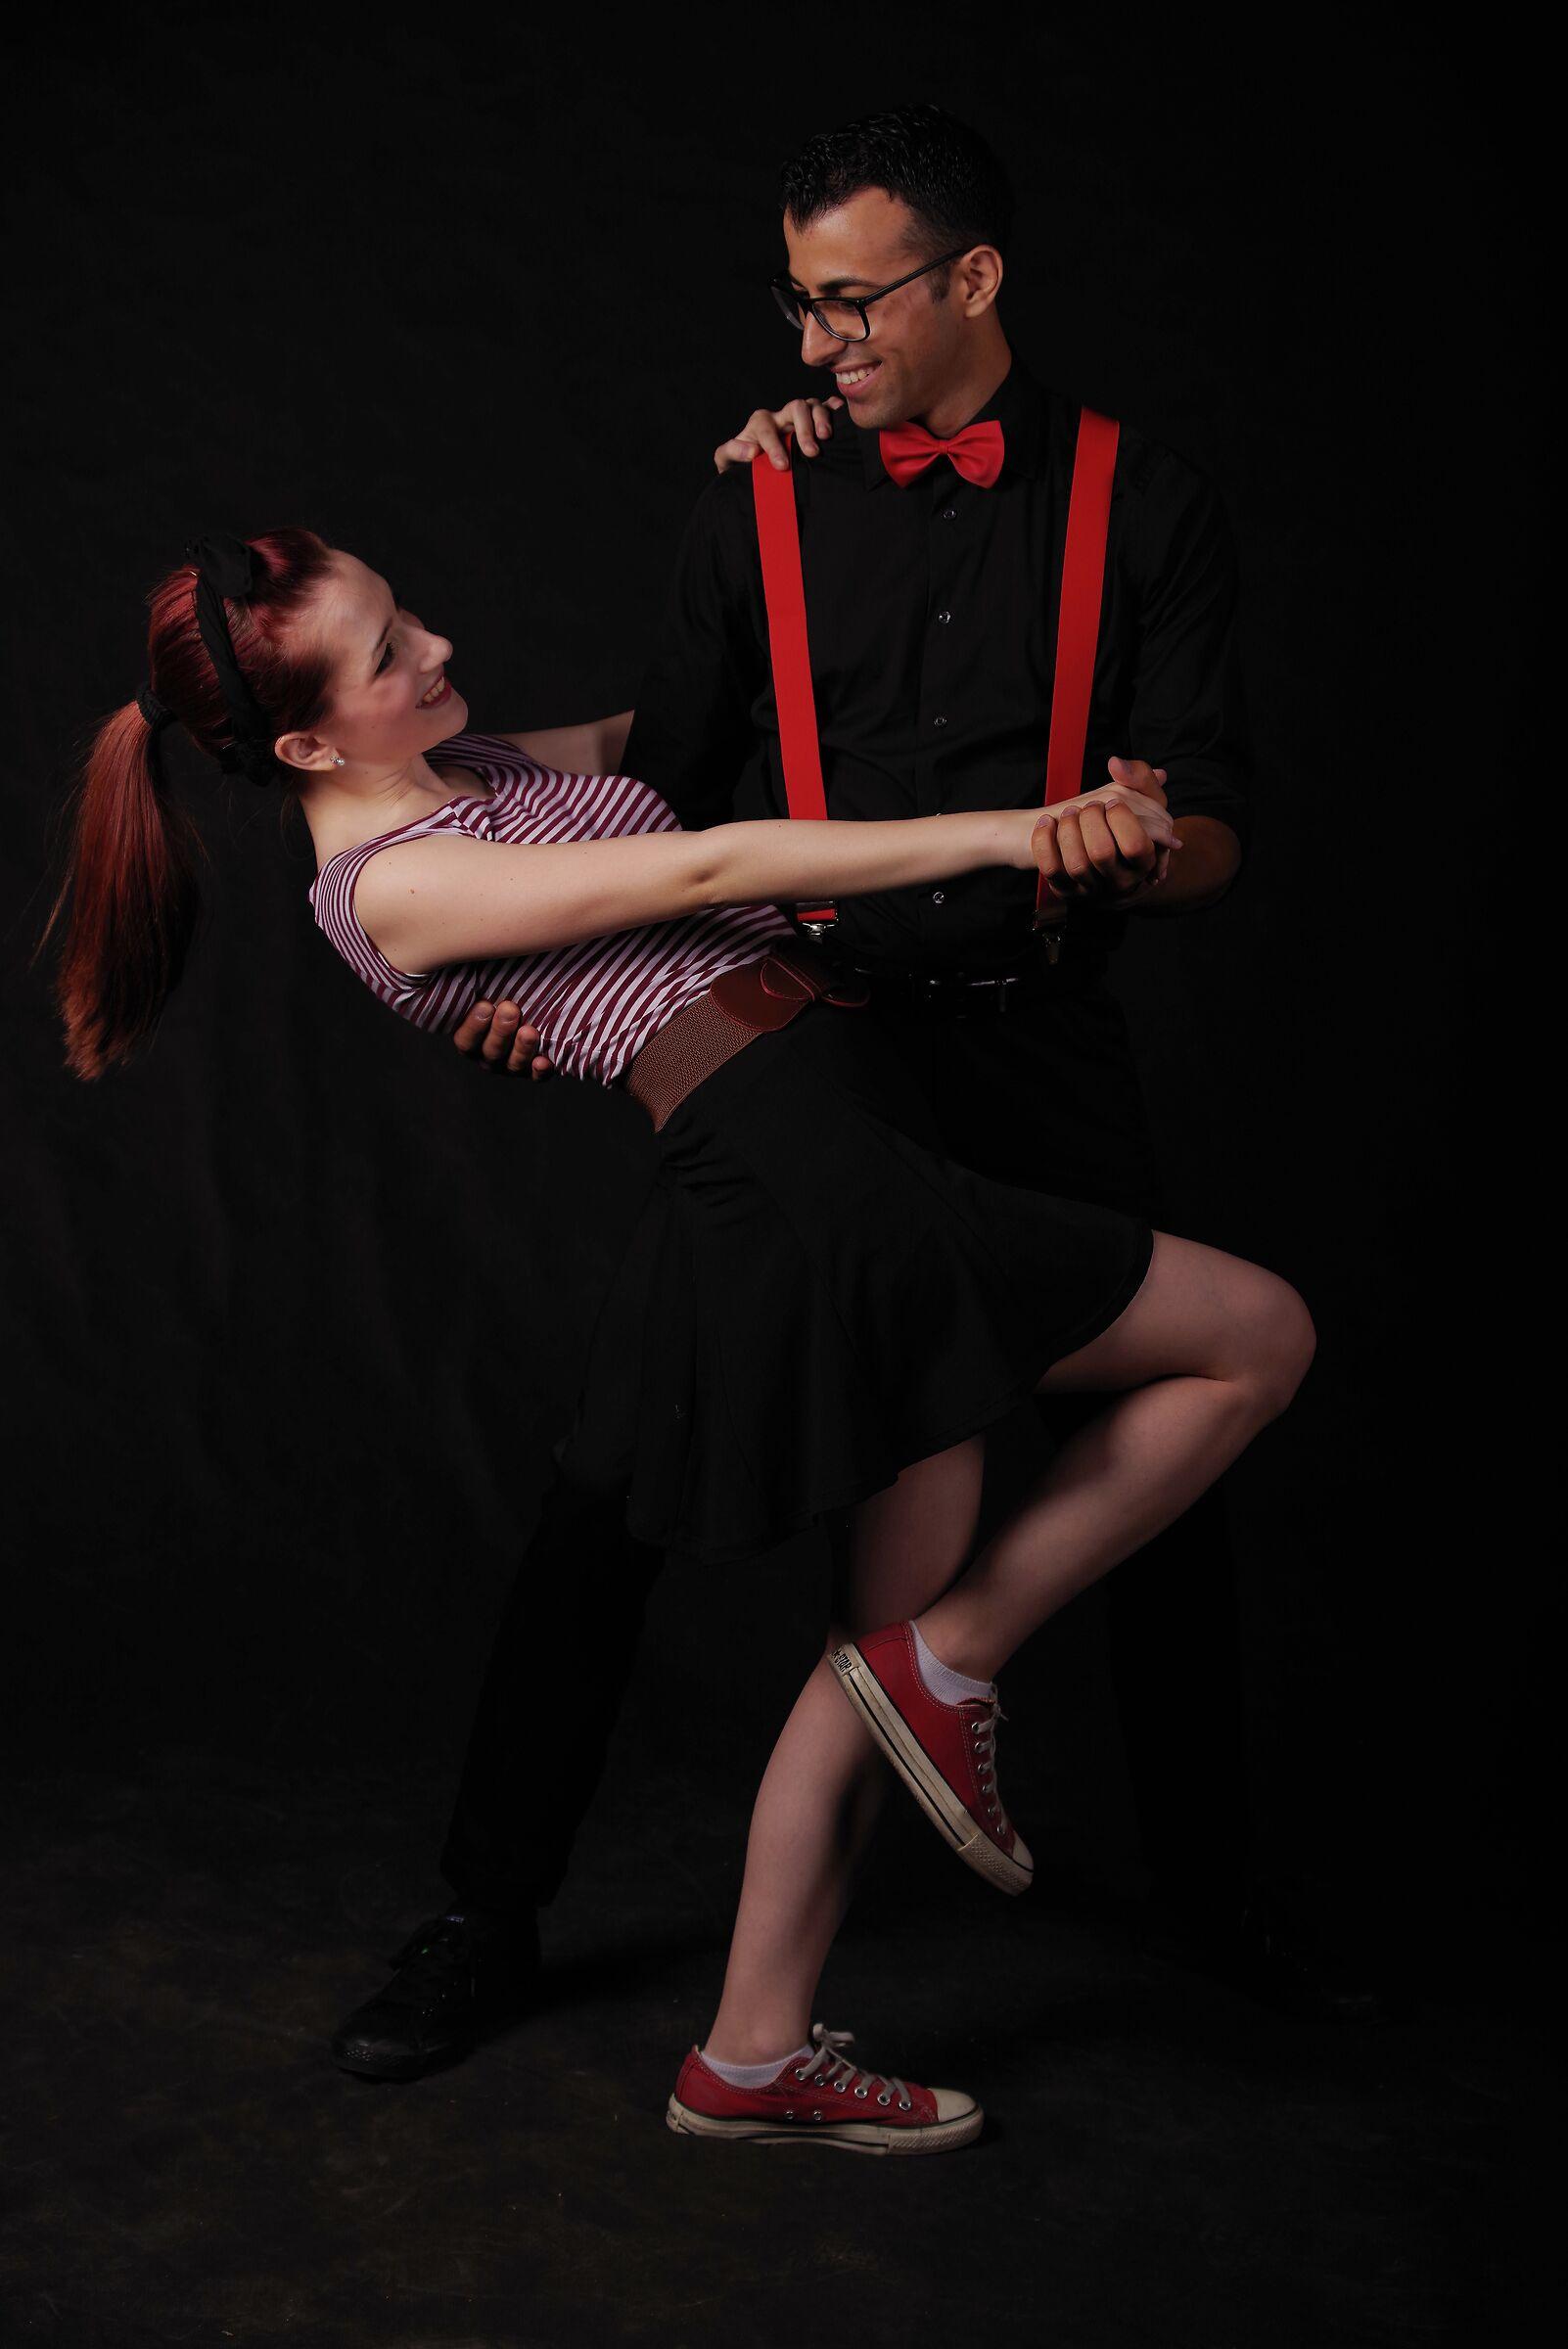 Danza sportiva...